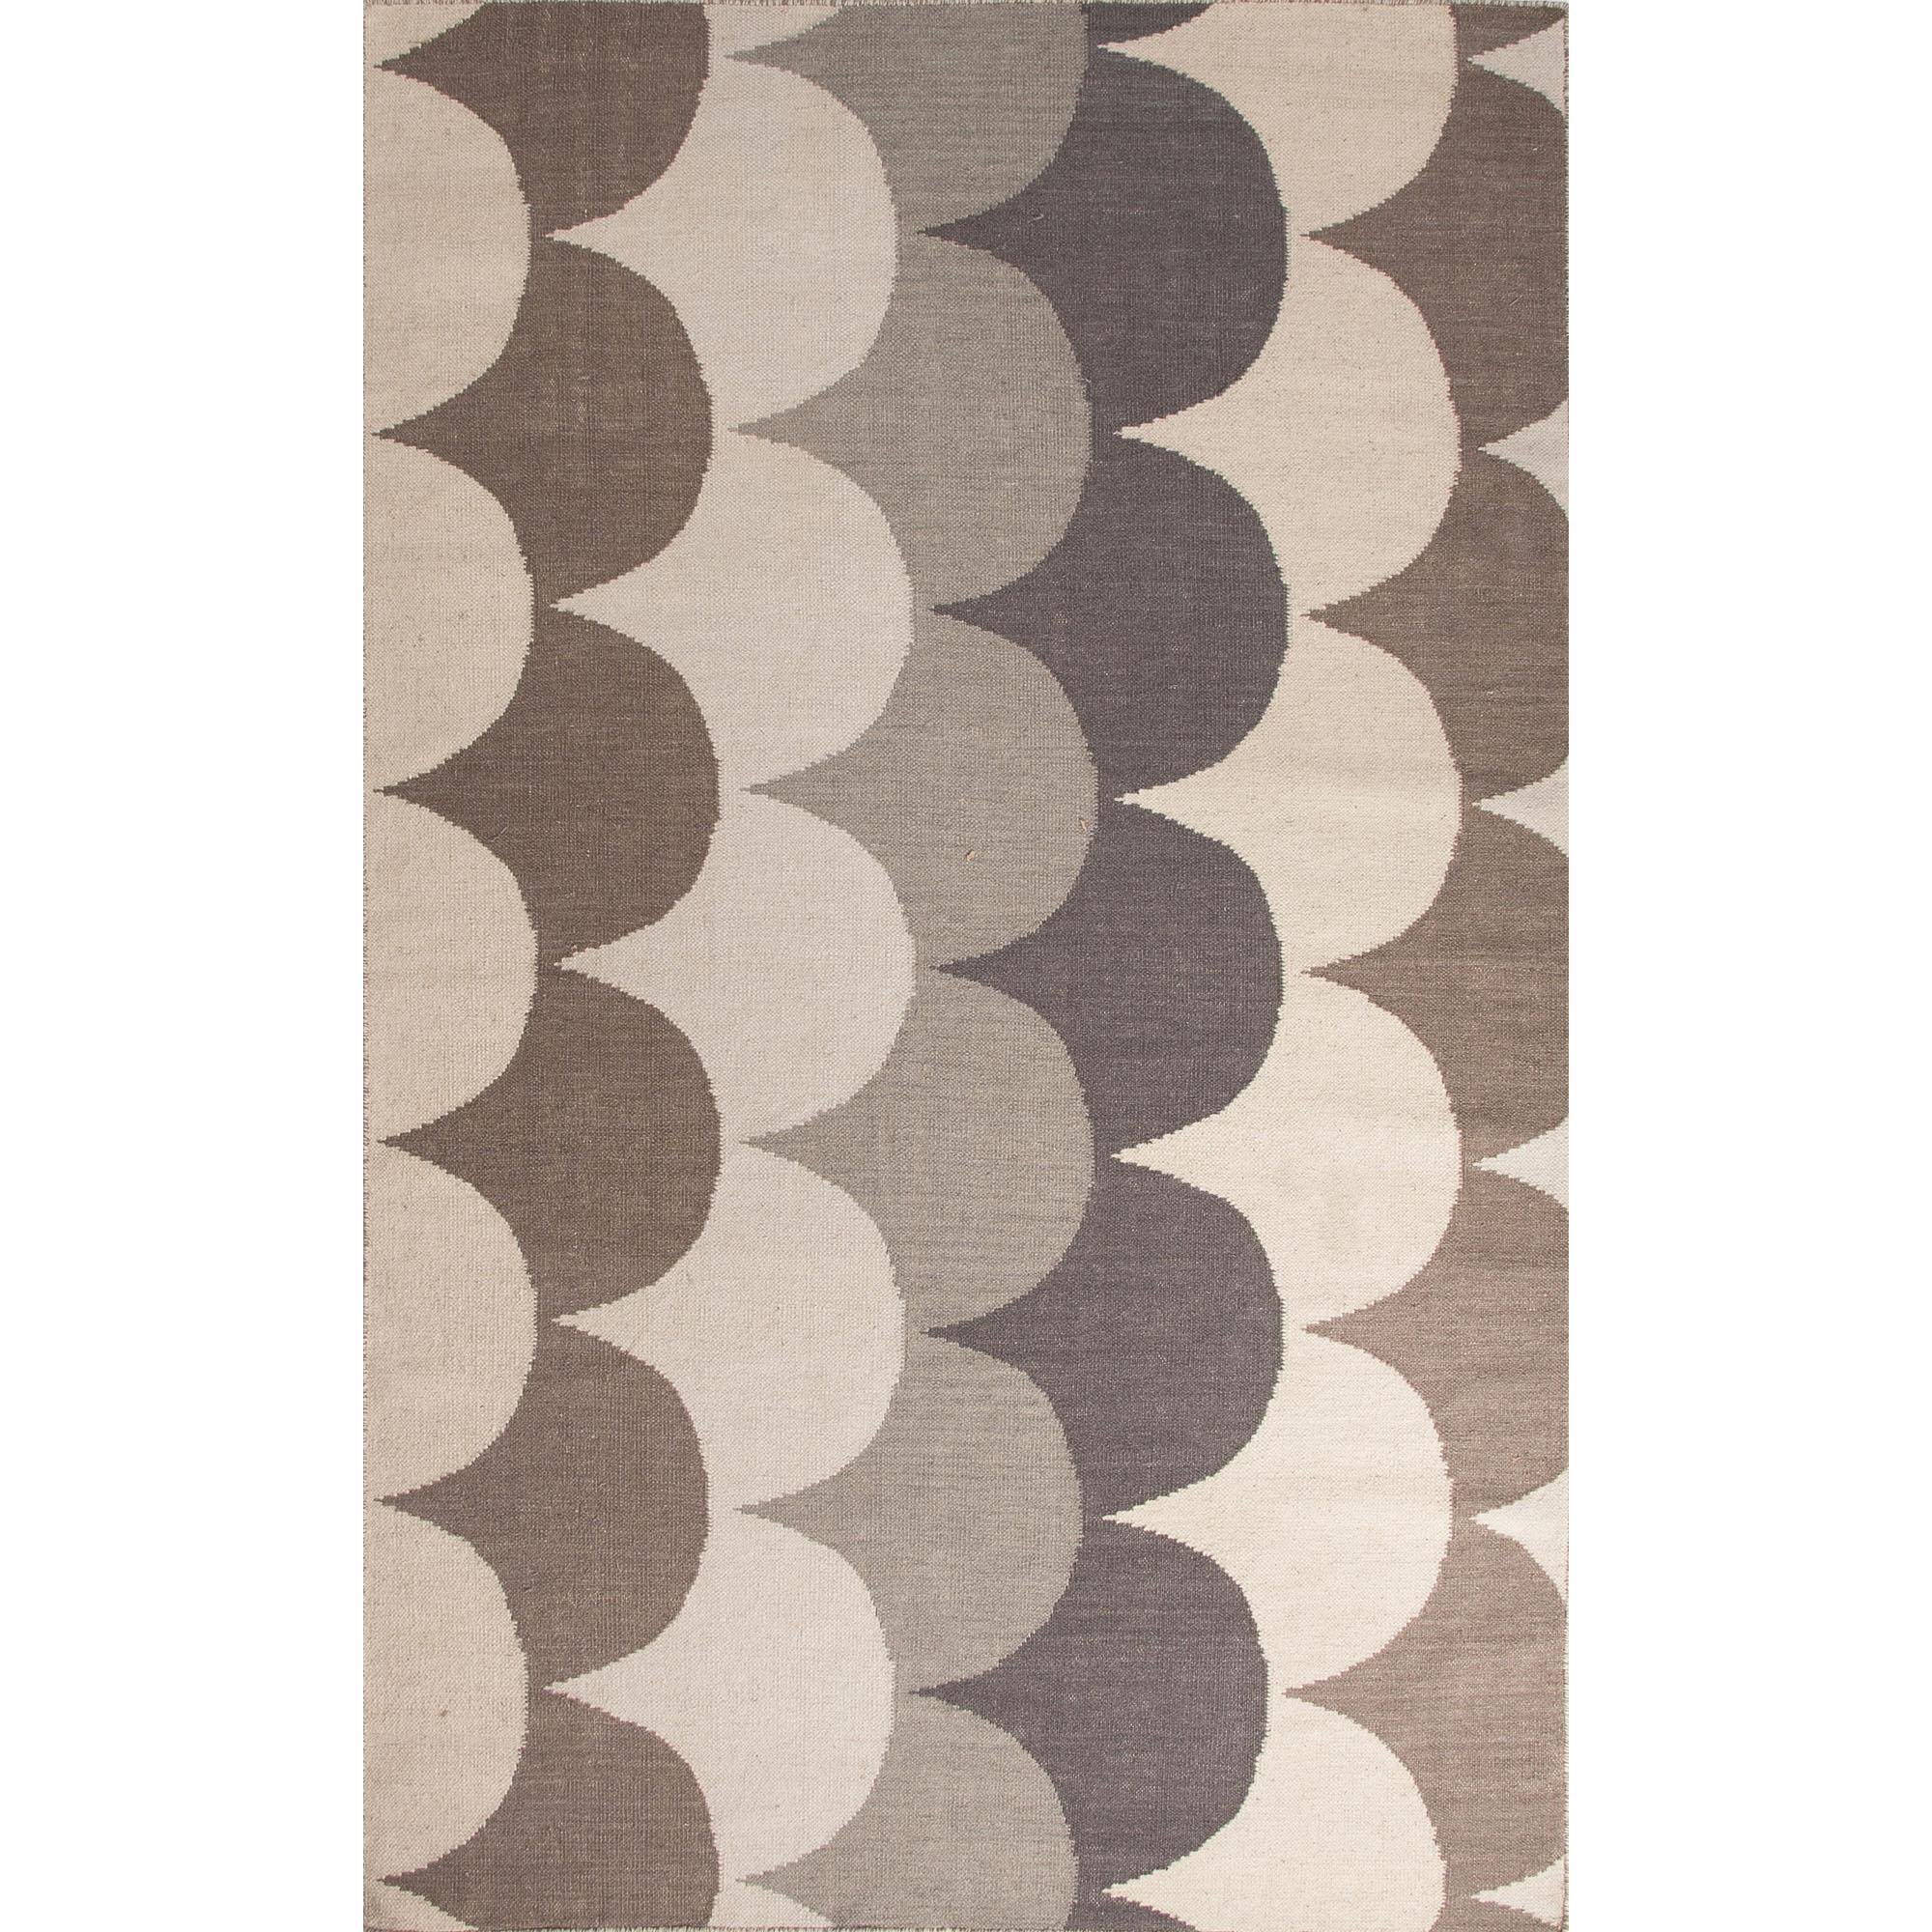 JAIPUR Rugs En Casa By Luli Sanchez Flat-weave 8 x 11 Rug - Item Number: RUG117126